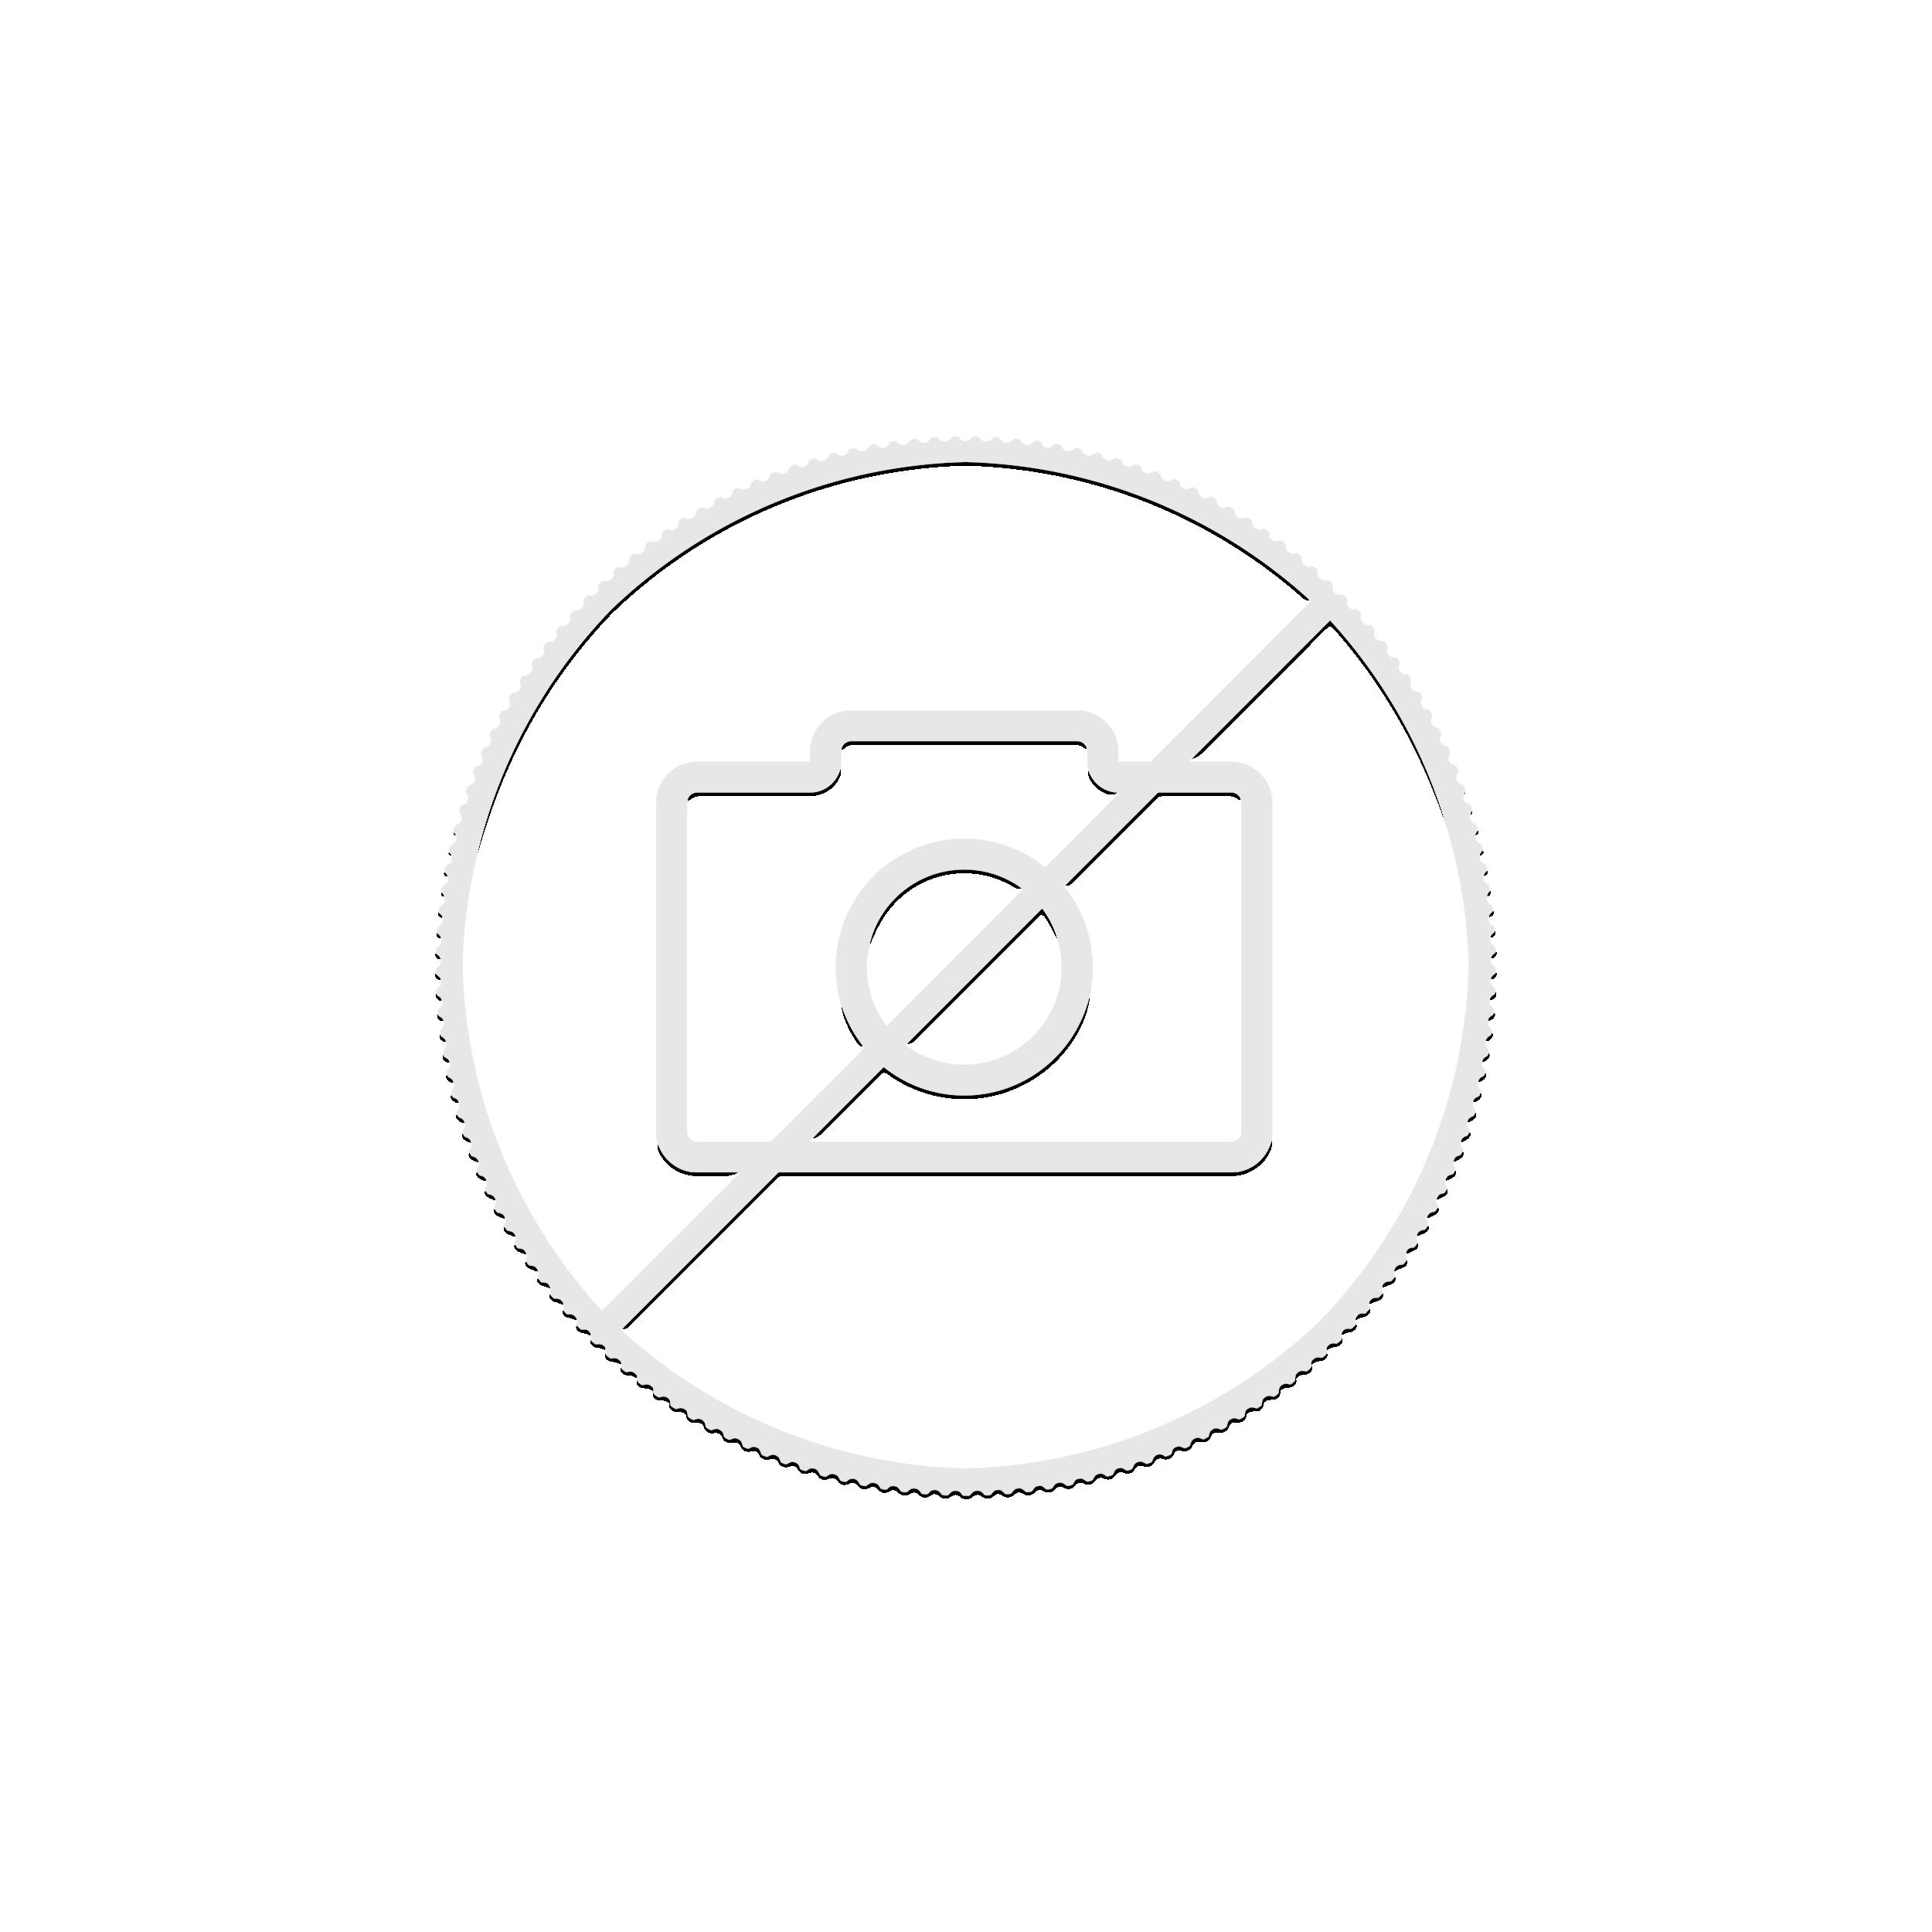 1 Troy ounce silver coin Lunar 2012